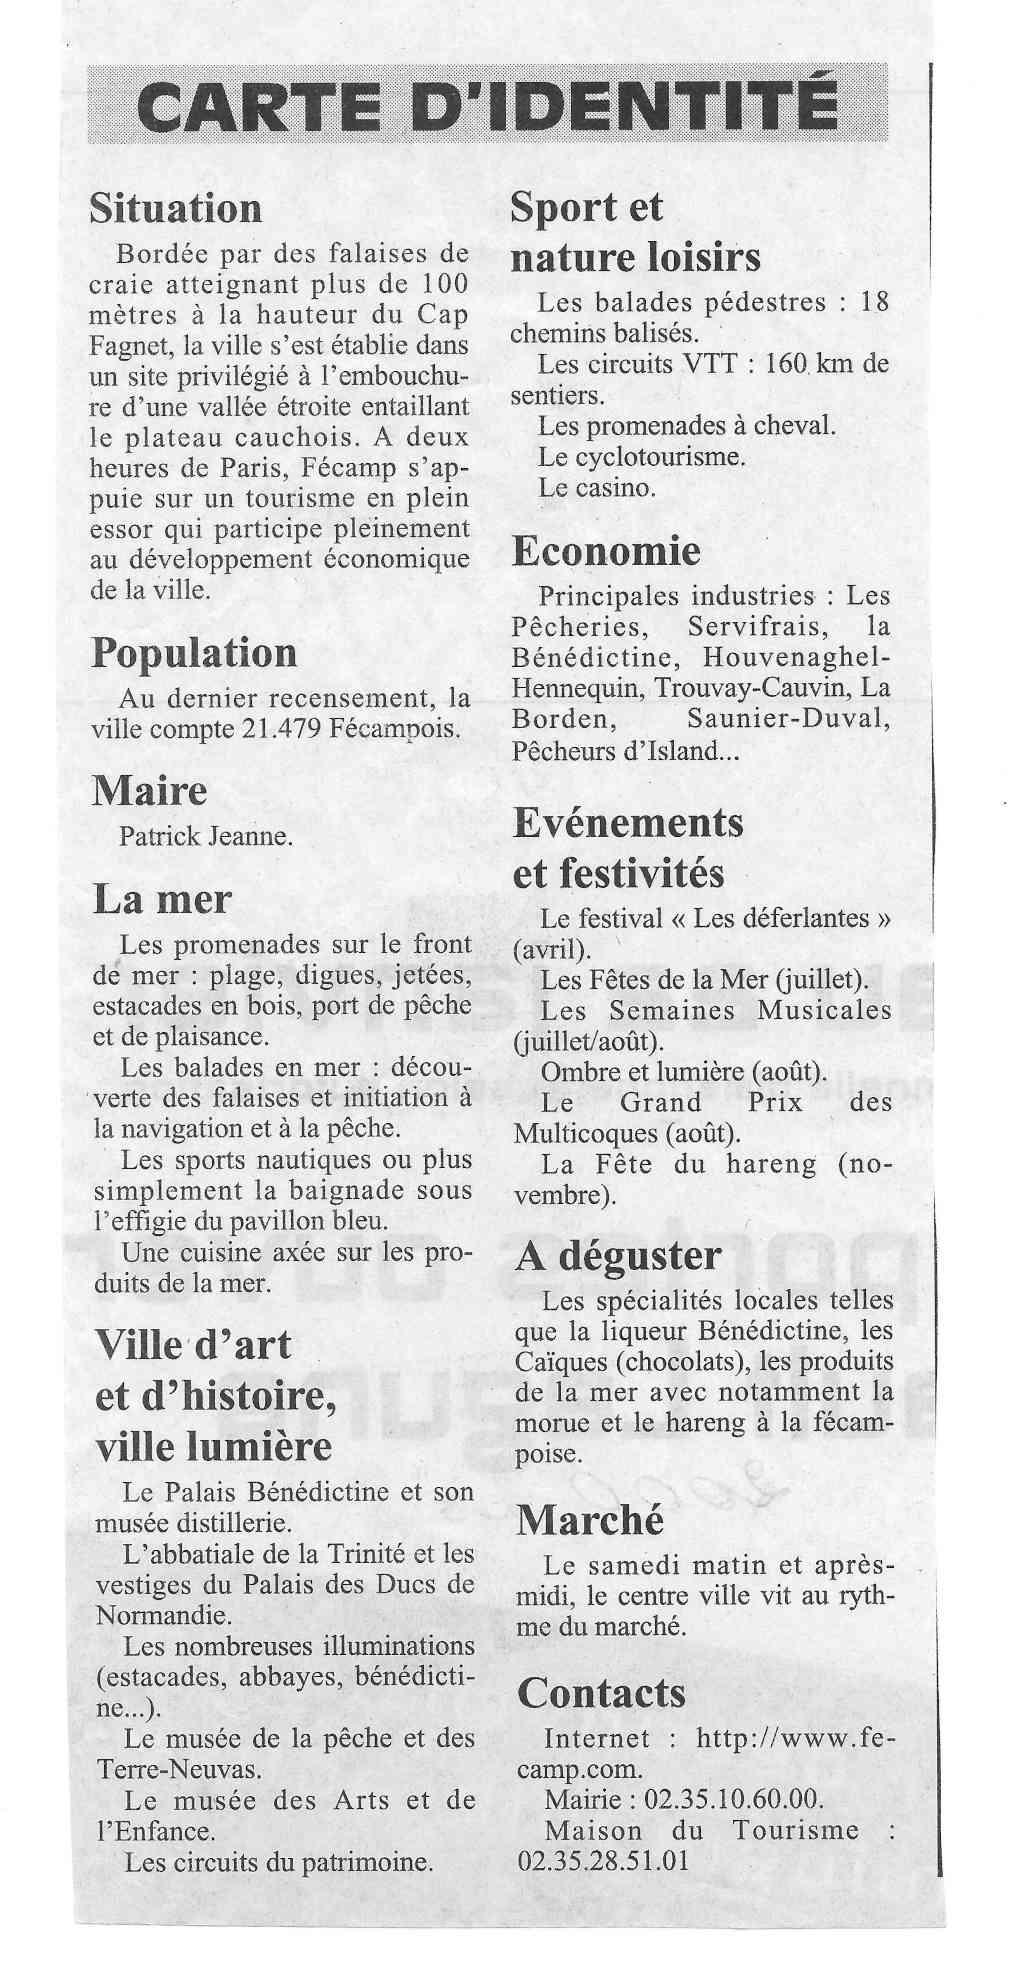 Histoire des communes - Fécamp 1511